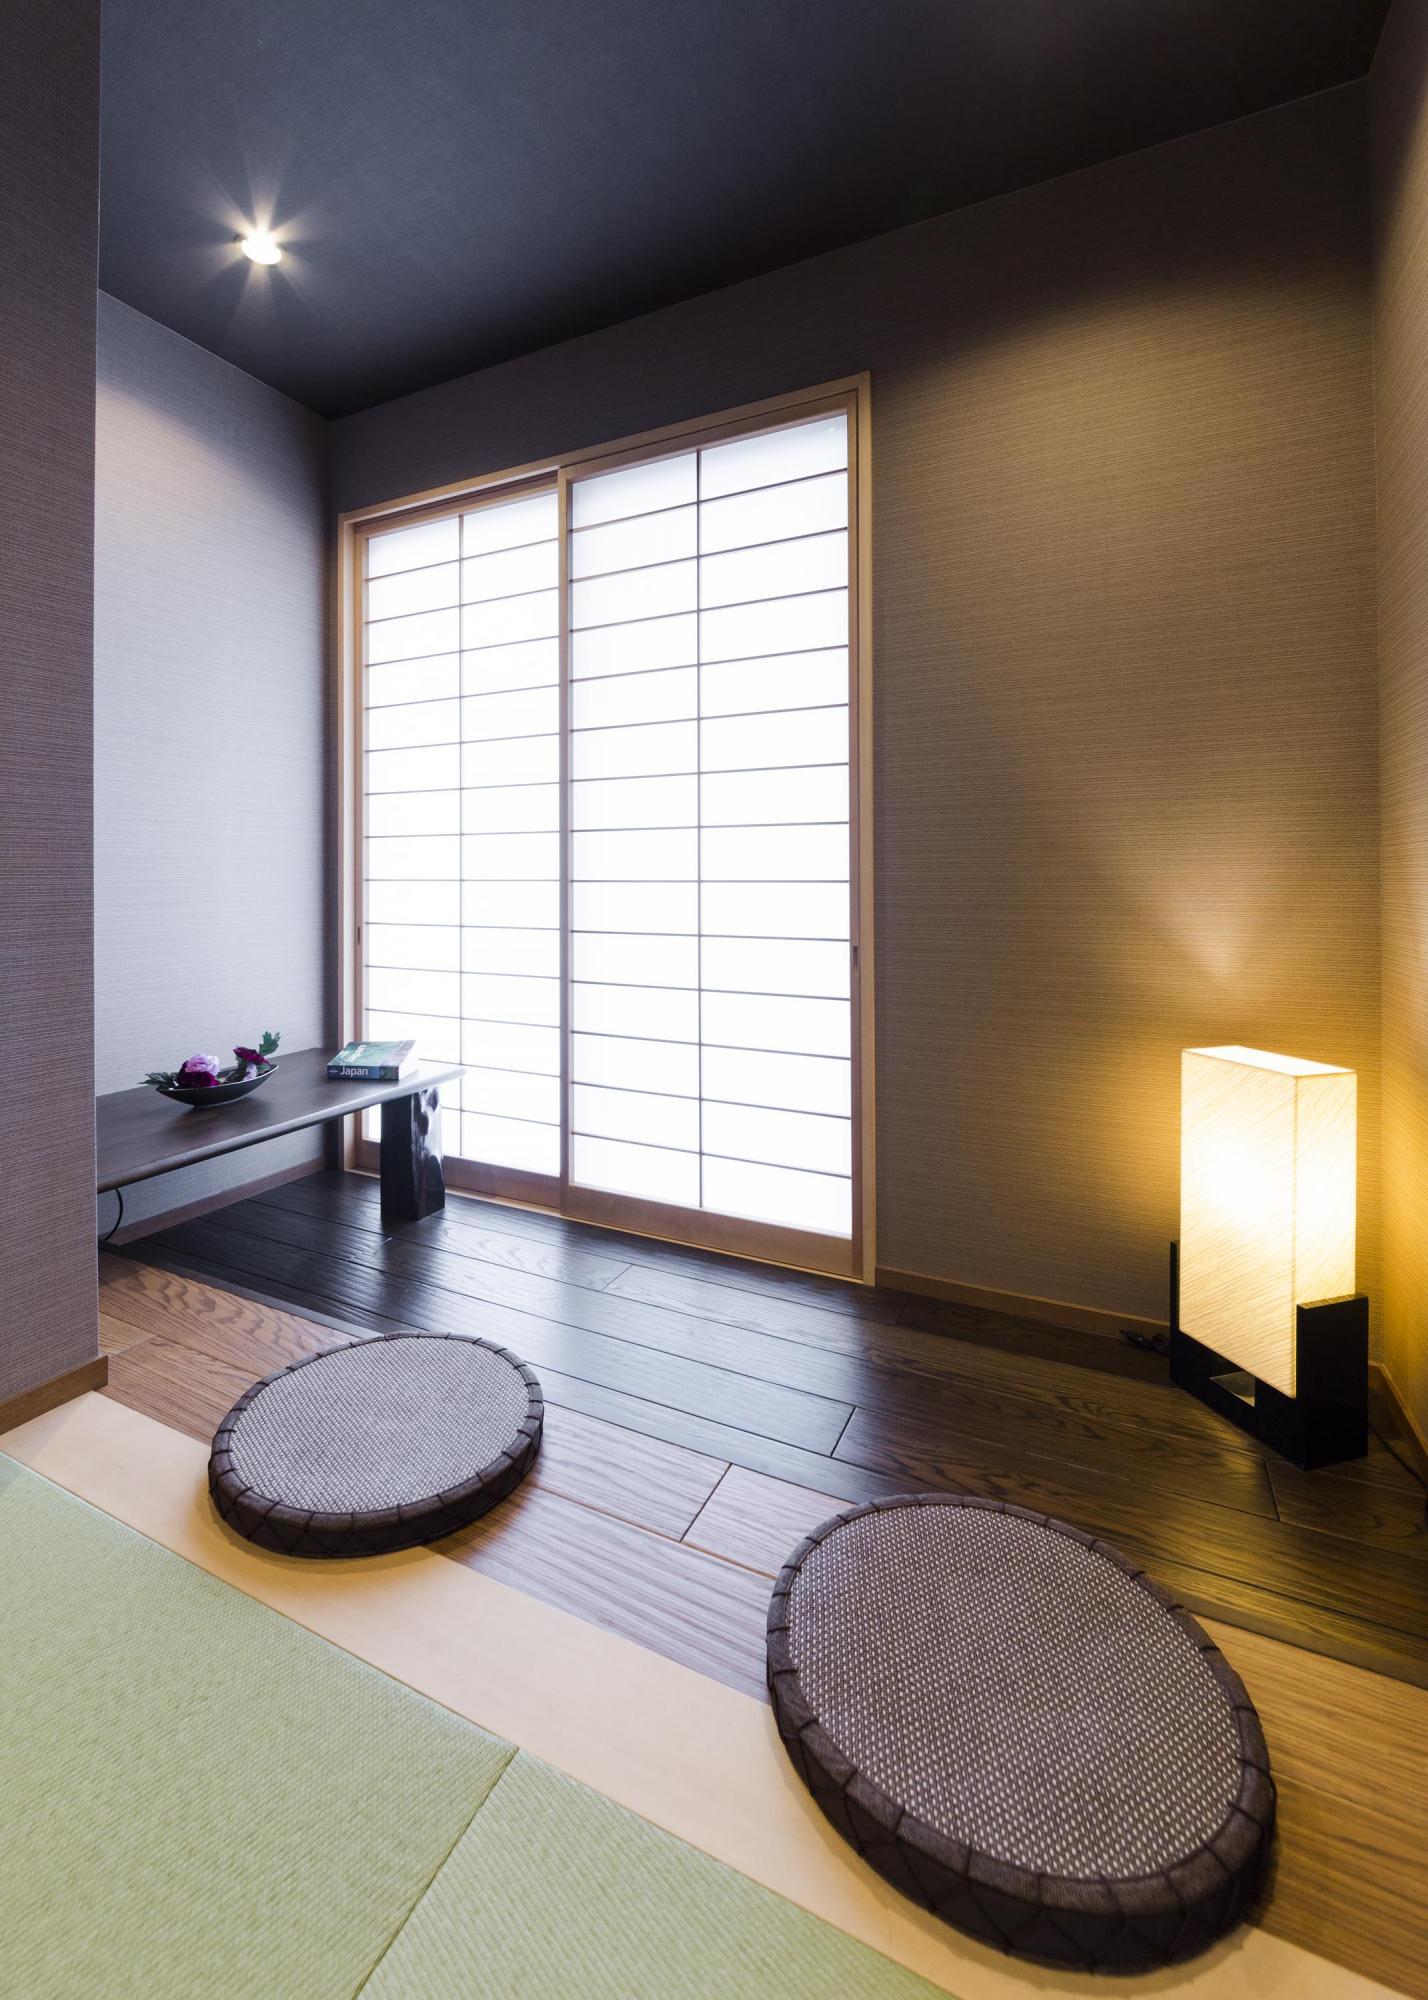 和室の一角には趣のある月見スペースを設けた。造作したテーブル部分はLDから奥まった空間なので書斎としても活用している。